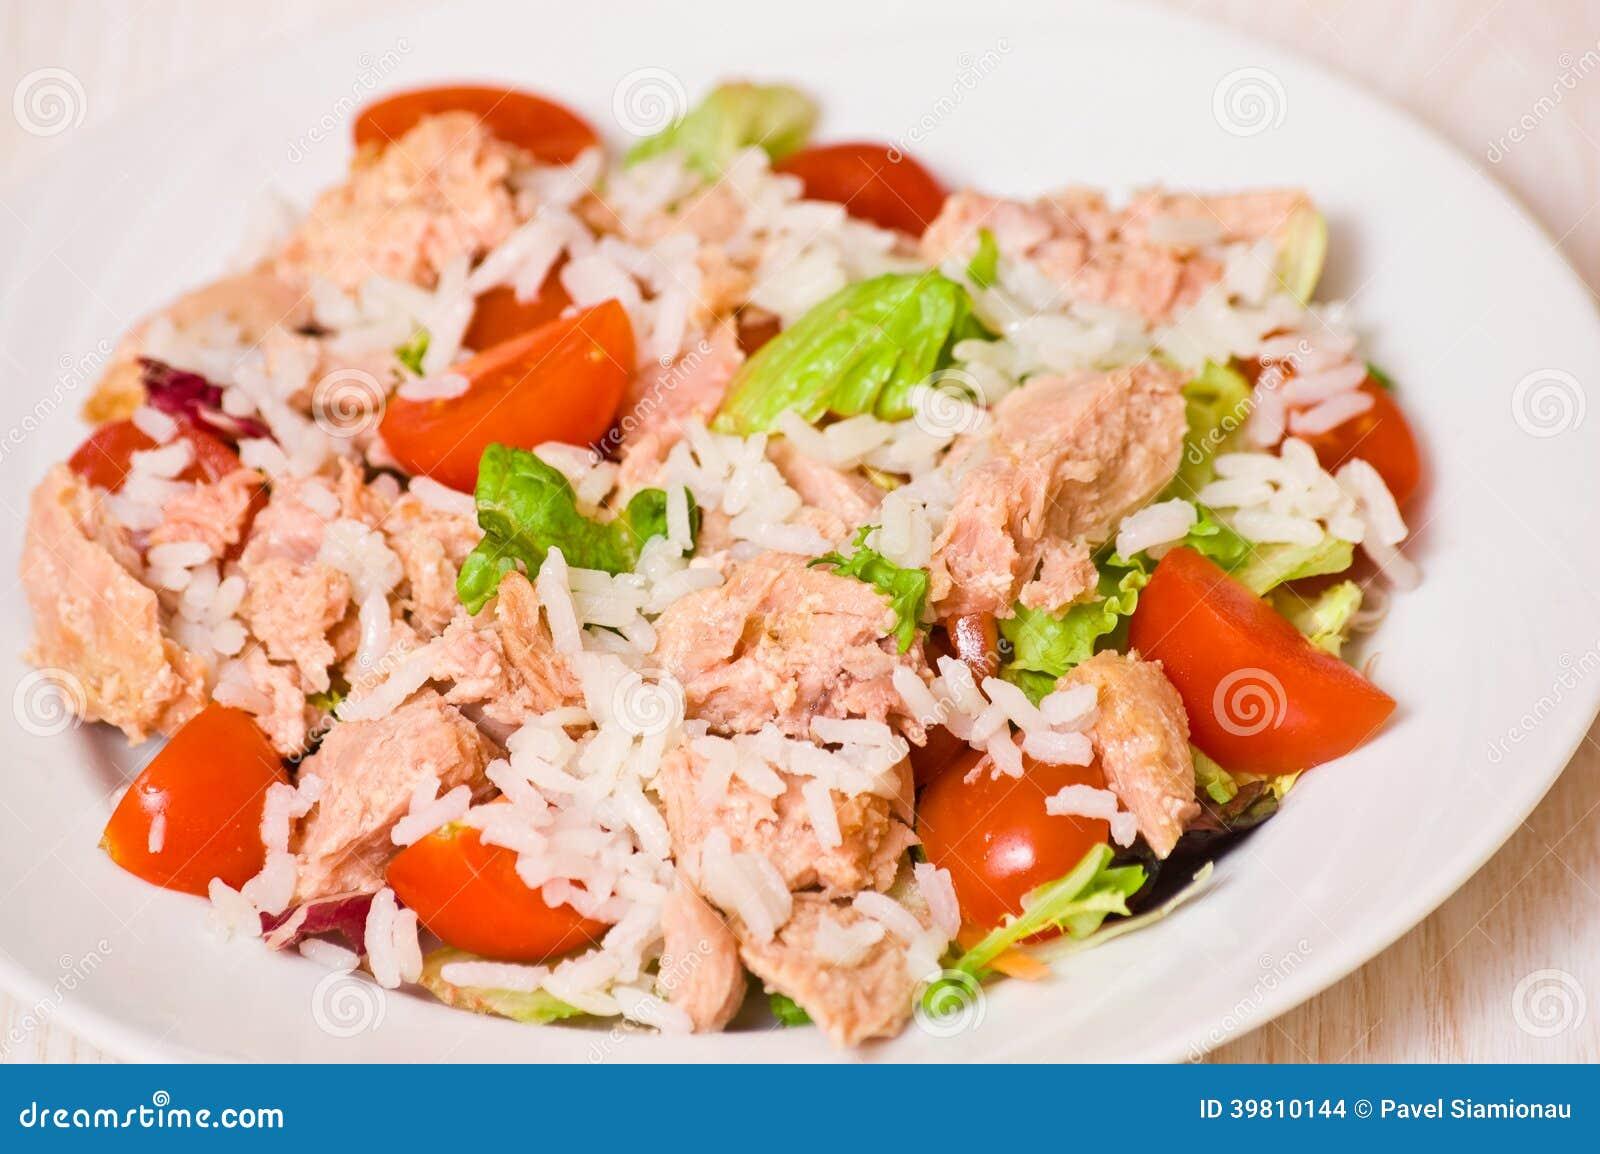 Ensalada de at n con arroz y verduras foto de archivo - Ensalada de arroz y atun ...